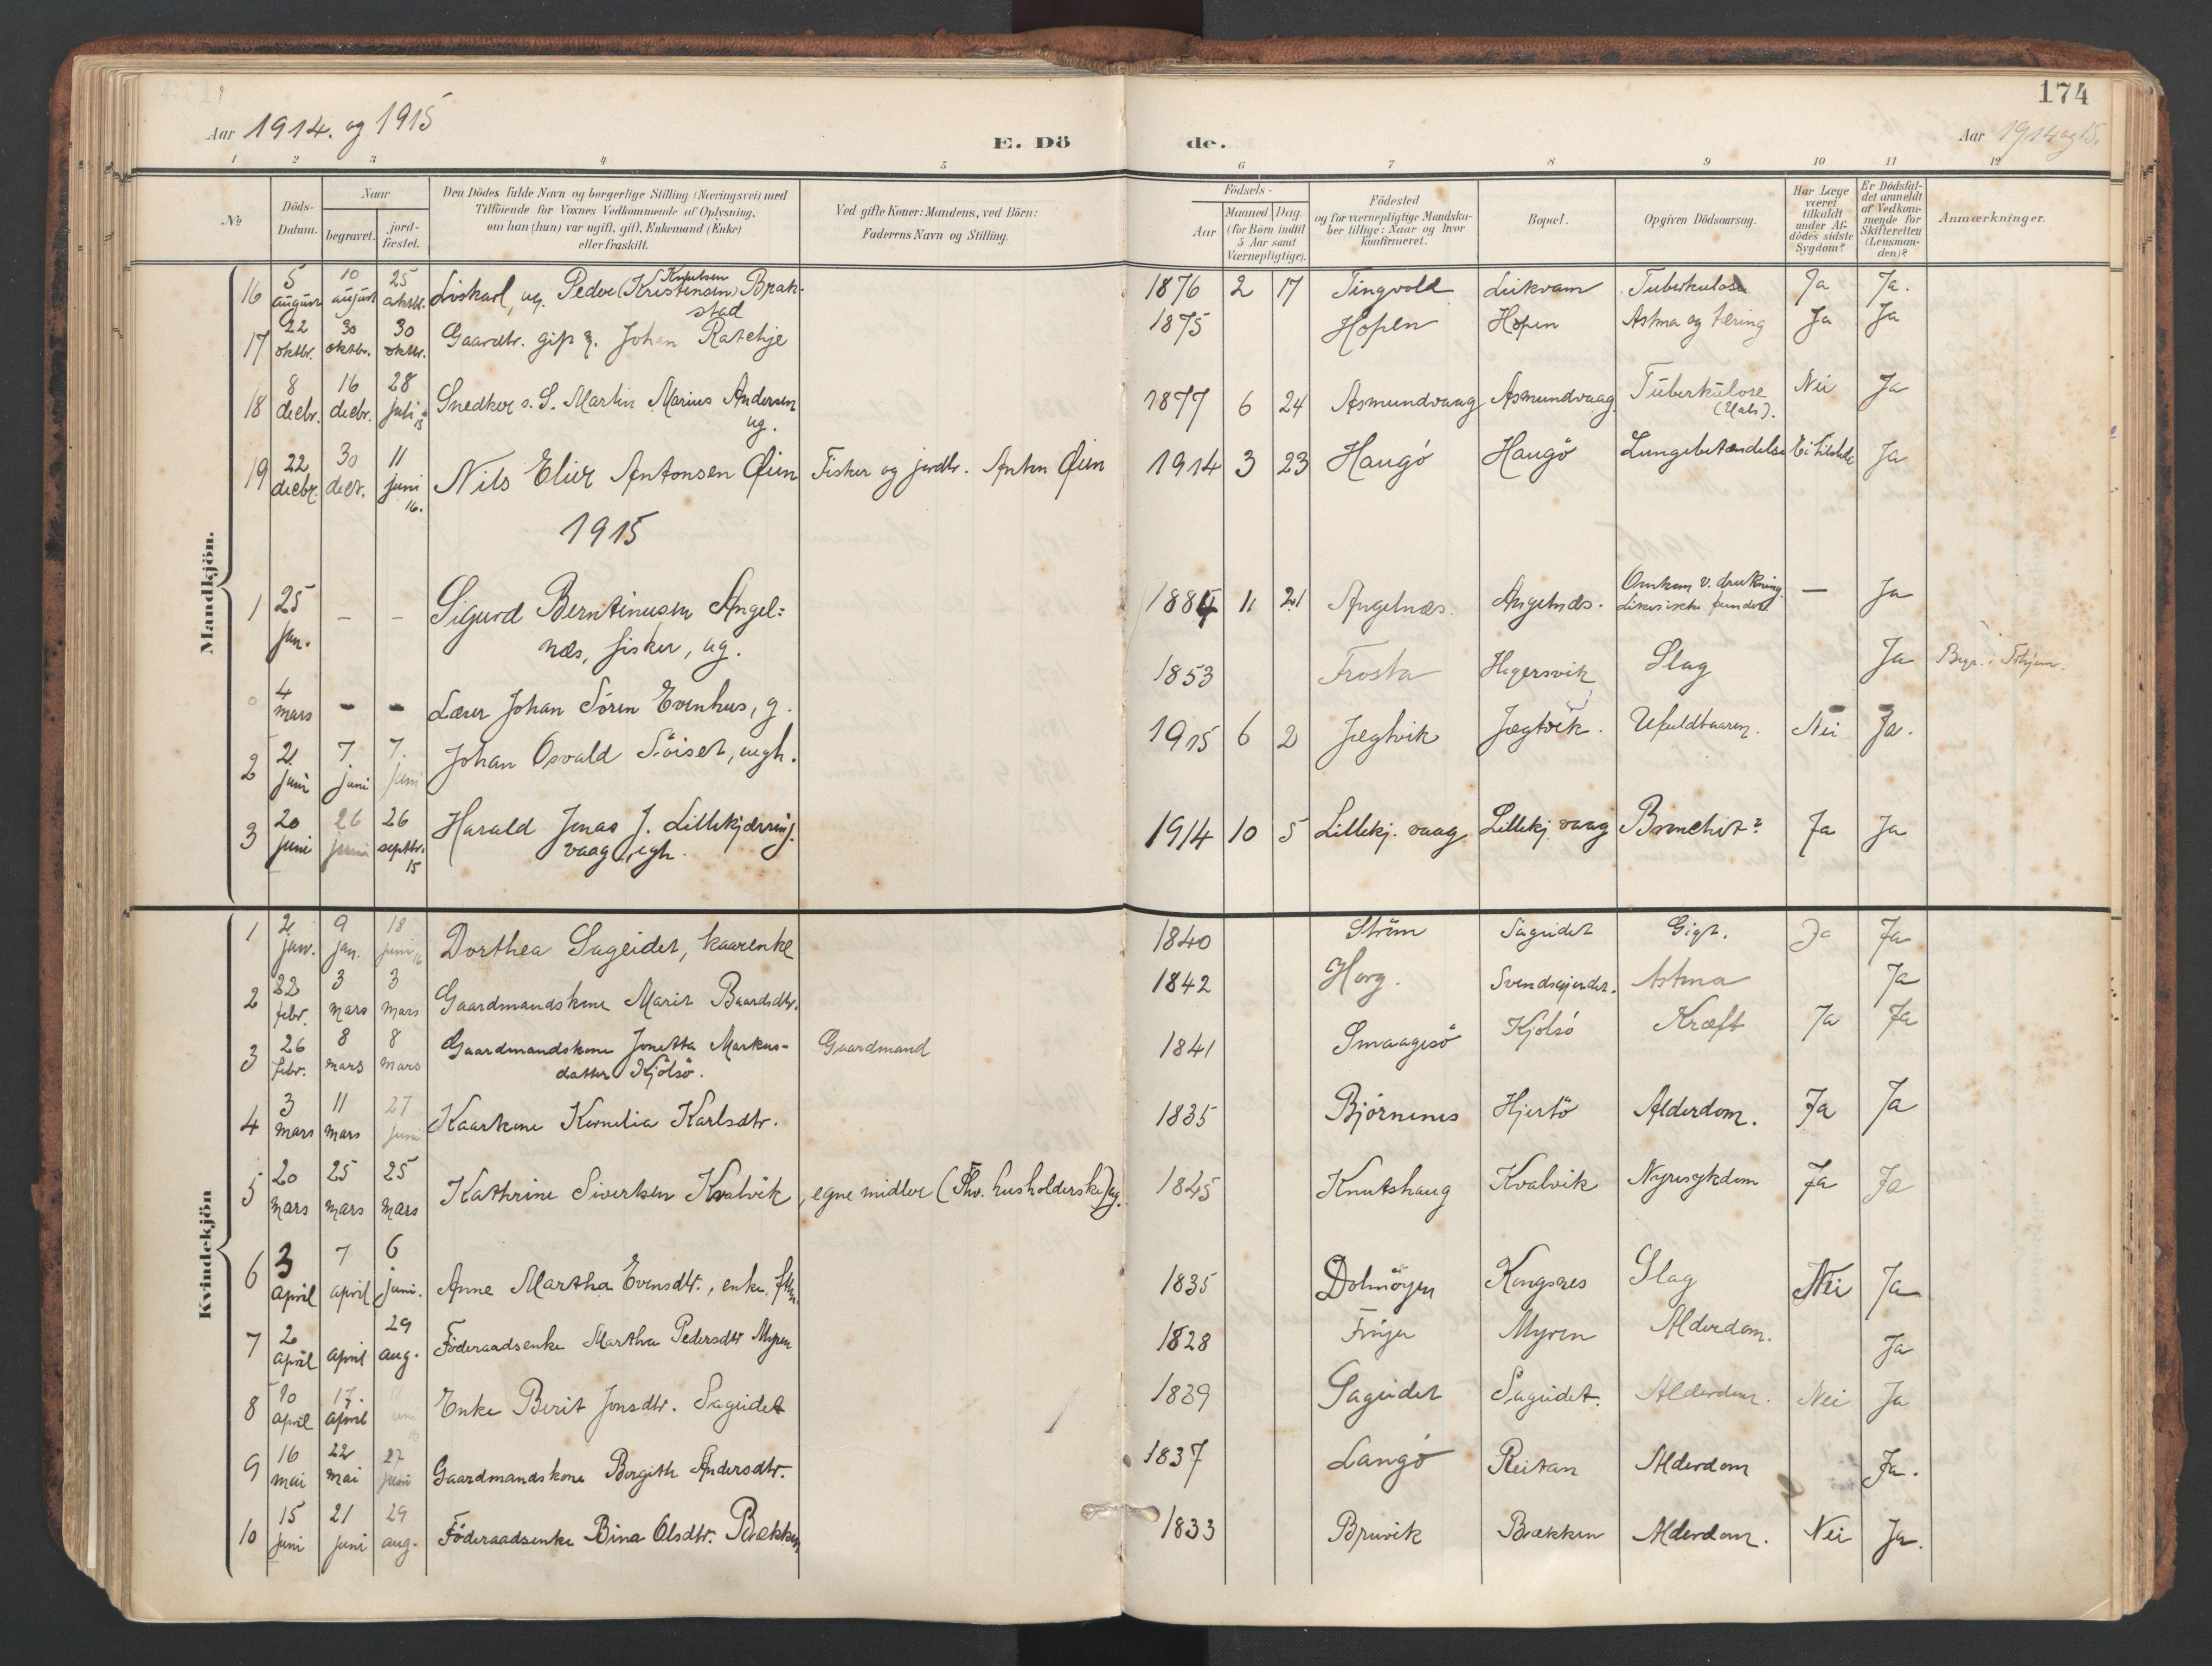 SAT, Ministerialprotokoller, klokkerbøker og fødselsregistre - Sør-Trøndelag, 634/L0537: Ministerialbok nr. 634A13, 1896-1922, s. 174